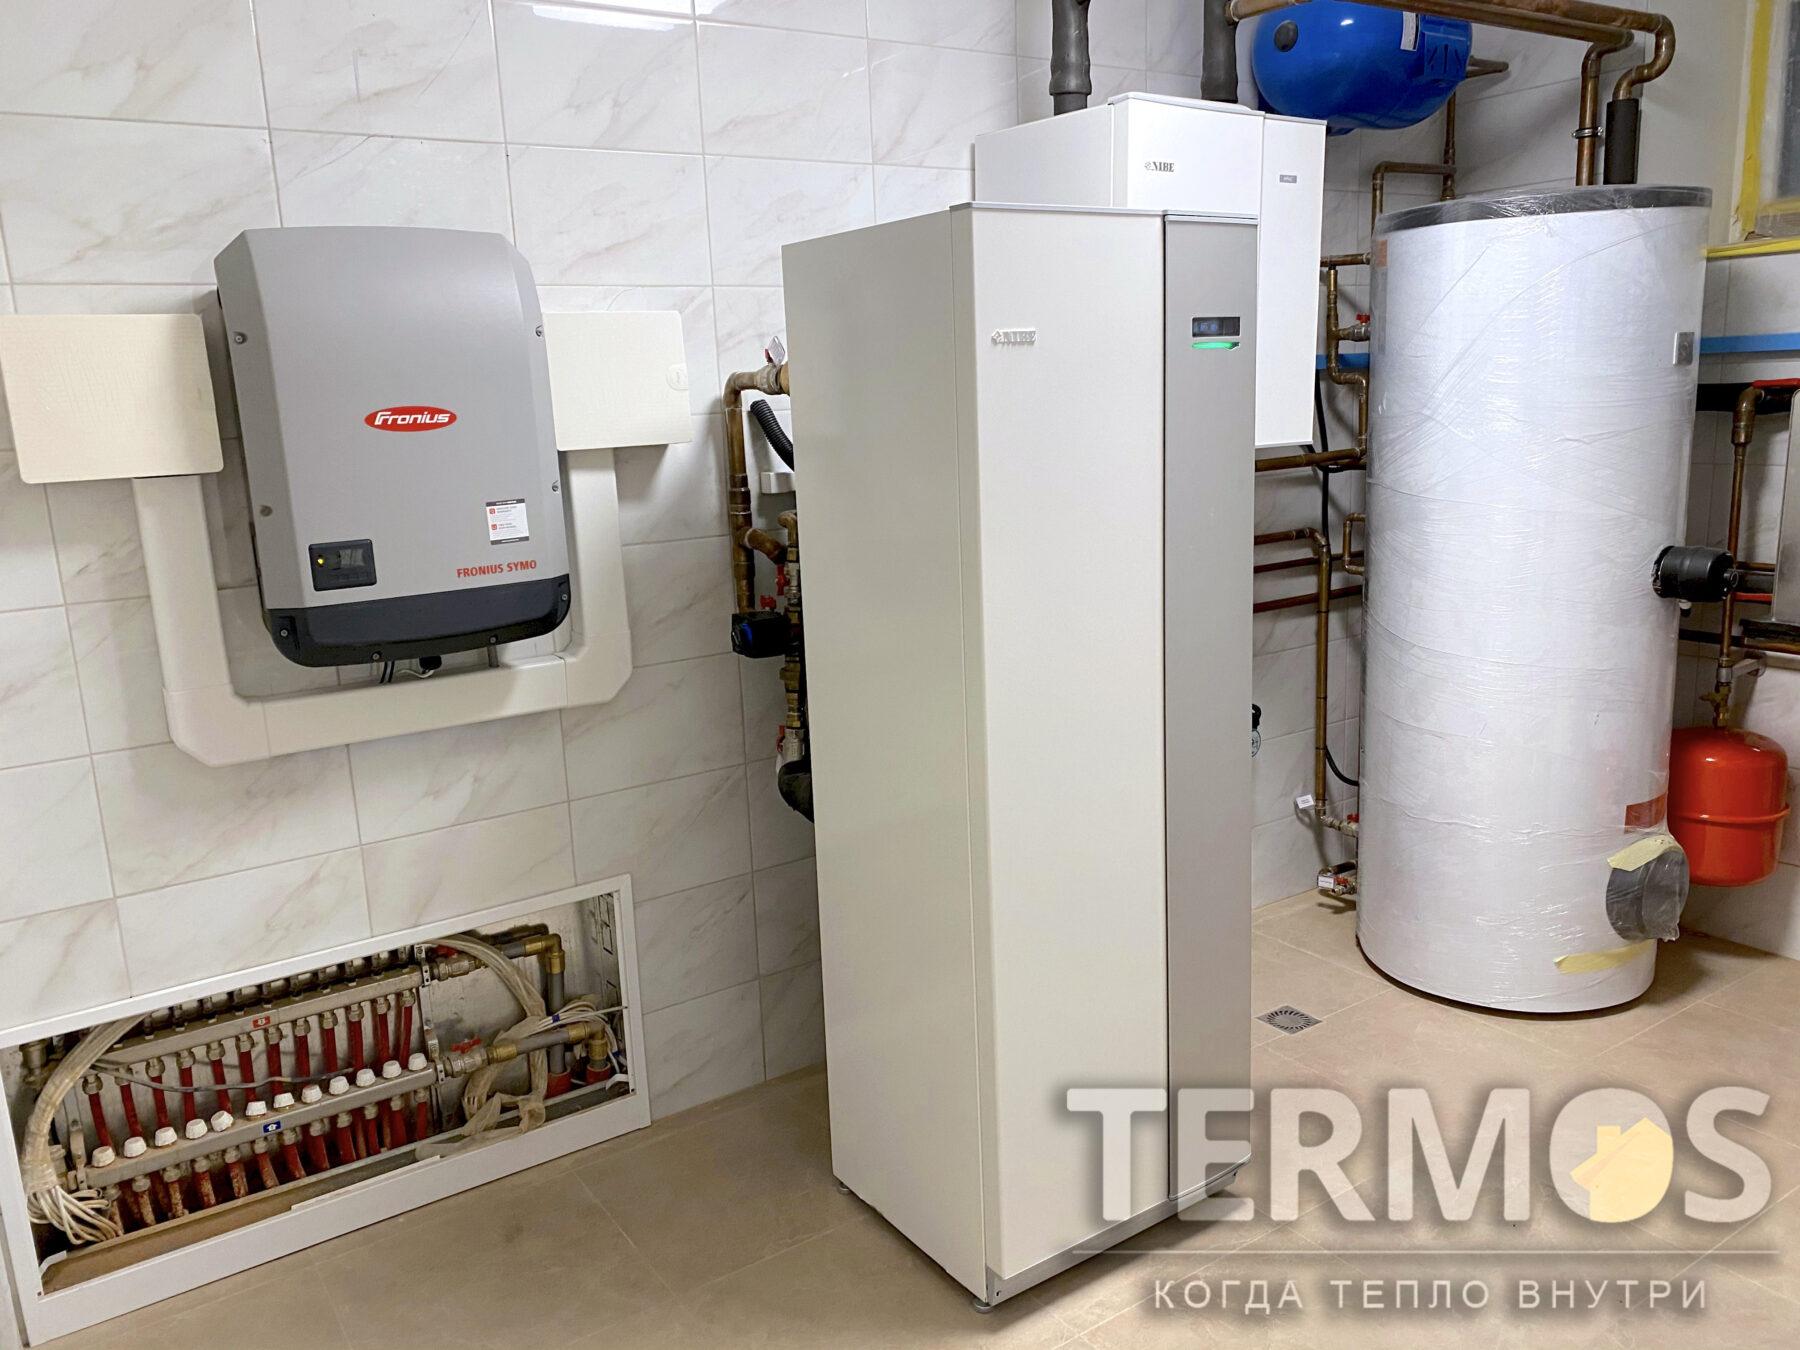 Борщаговка.  Коттедж 650 м.кв. Геотермальный тепловой насос NIBE 28 кВт. Обеспечивает отопление, горячее водоснабжение, пассивное/ активное охлаждение летом. Фотовальтайка.